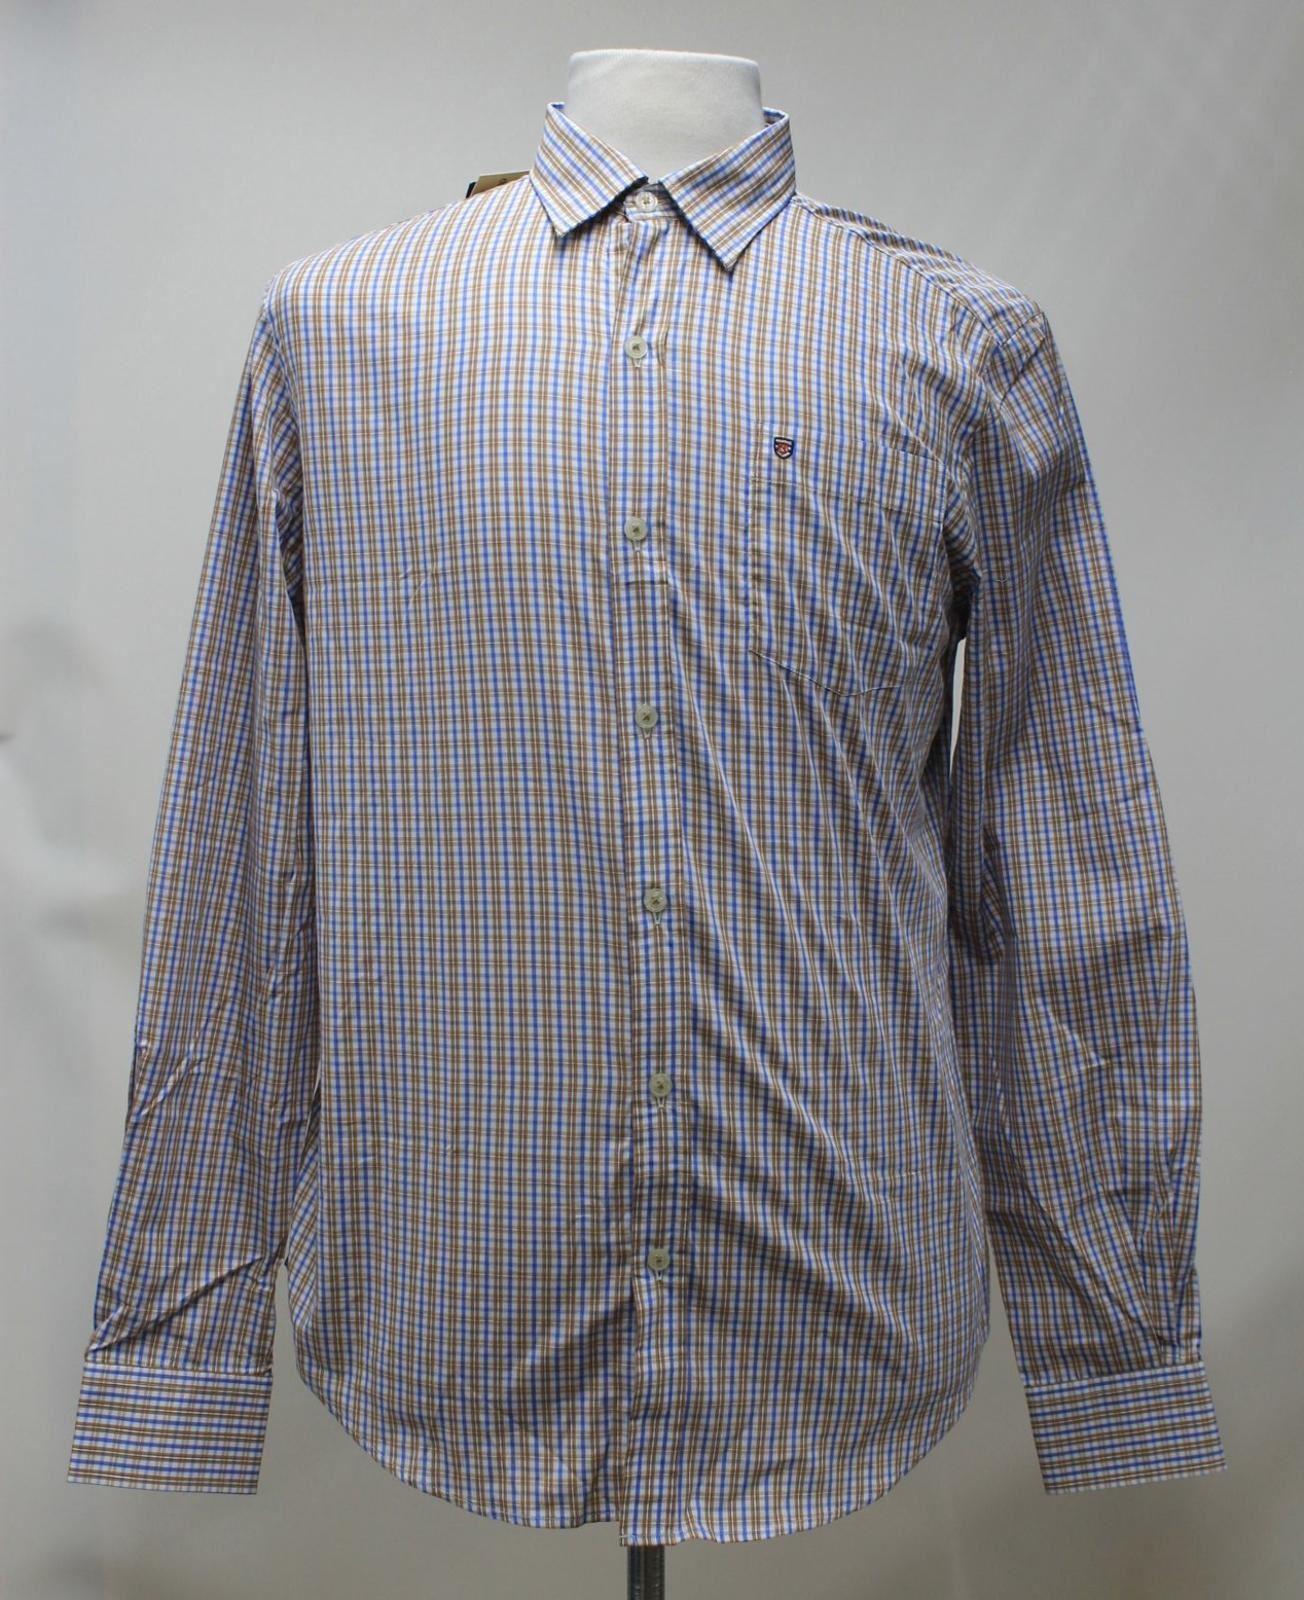 BNWT Dubarry Uomo Marronee Blu Cotone Check camicia con colletto ballincollig 2XL